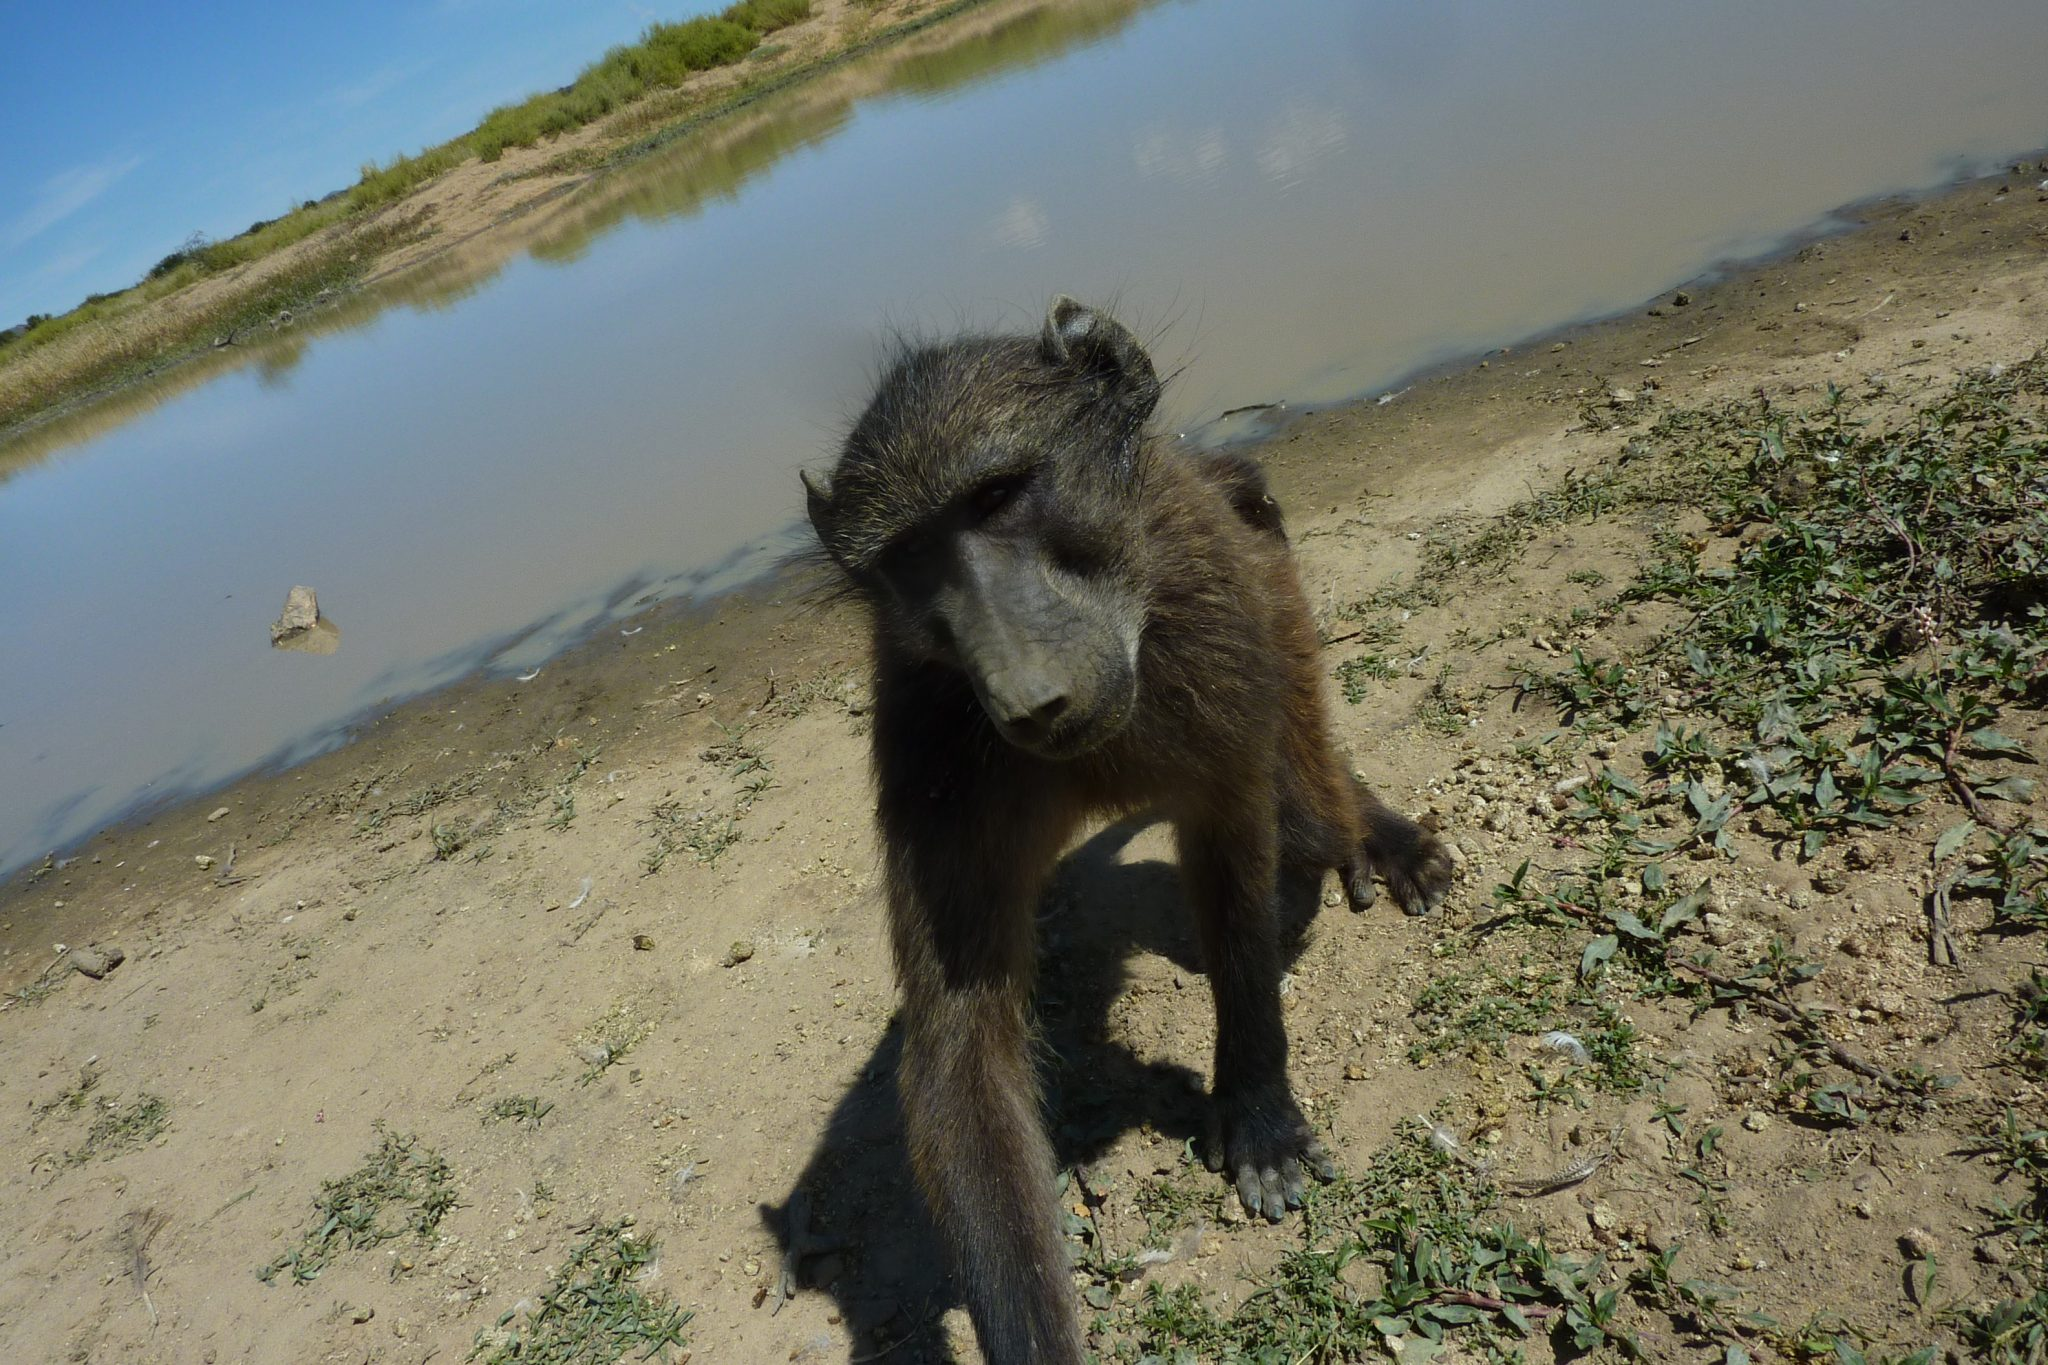 a baboon: photo courtesy of Maria Hart